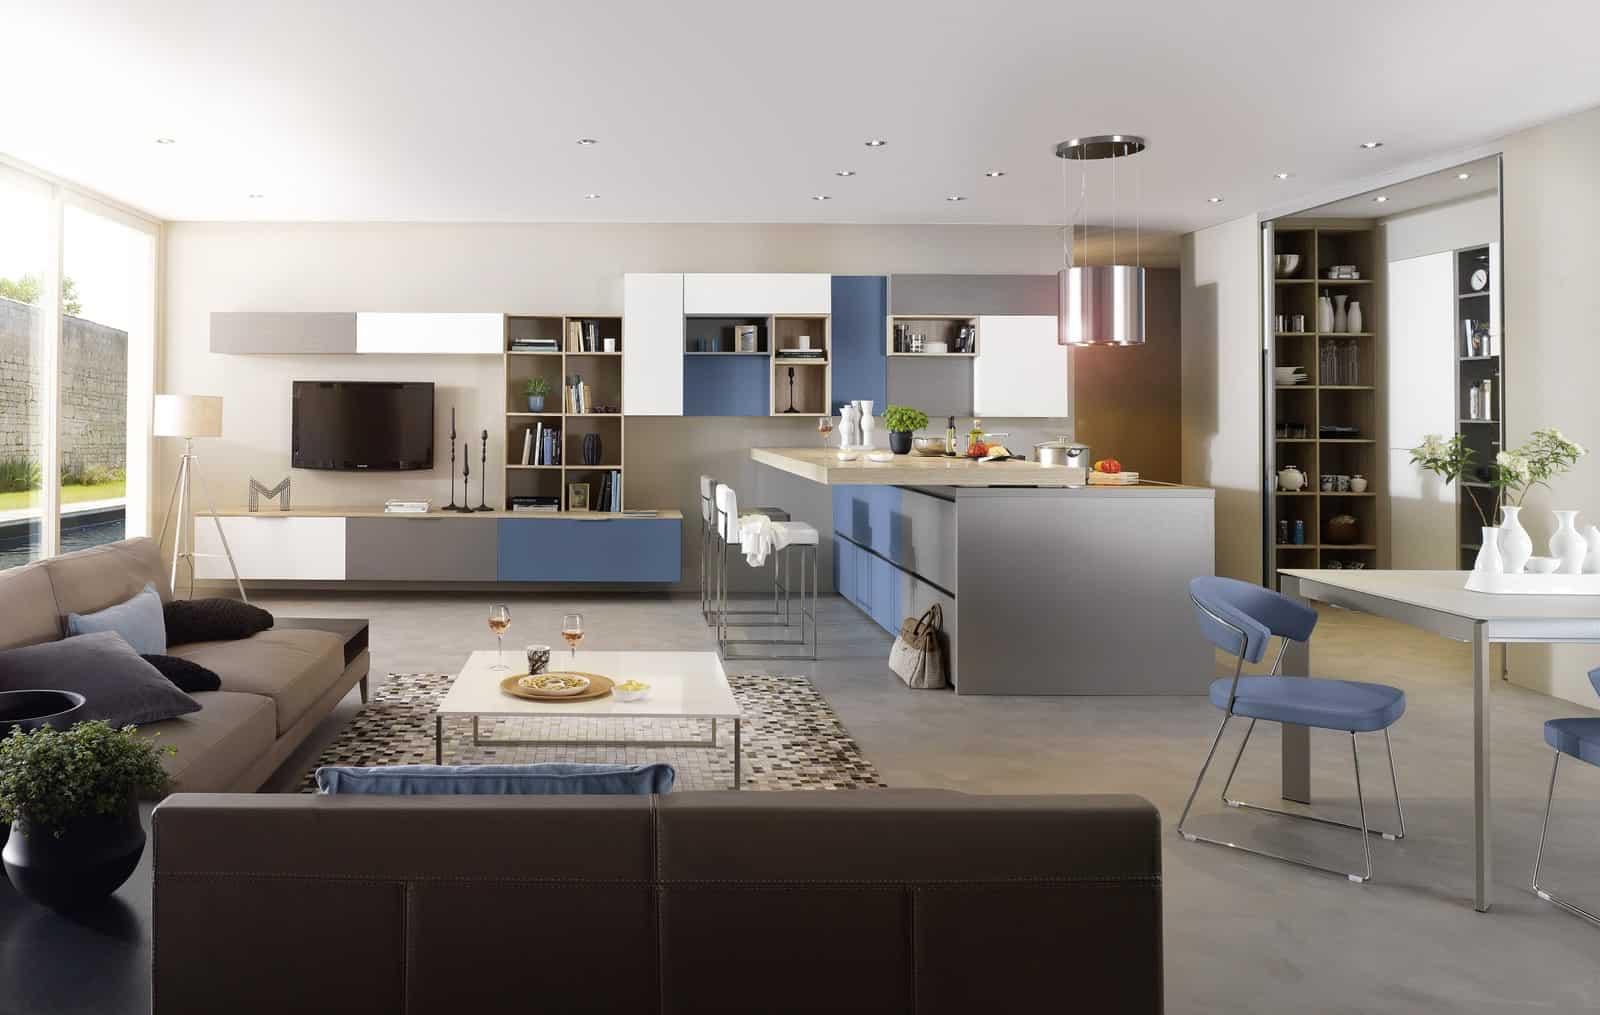 Combien Coute Un Relooking De Cuisine meuble, cuisine, literie : l'équipement de la maison reste